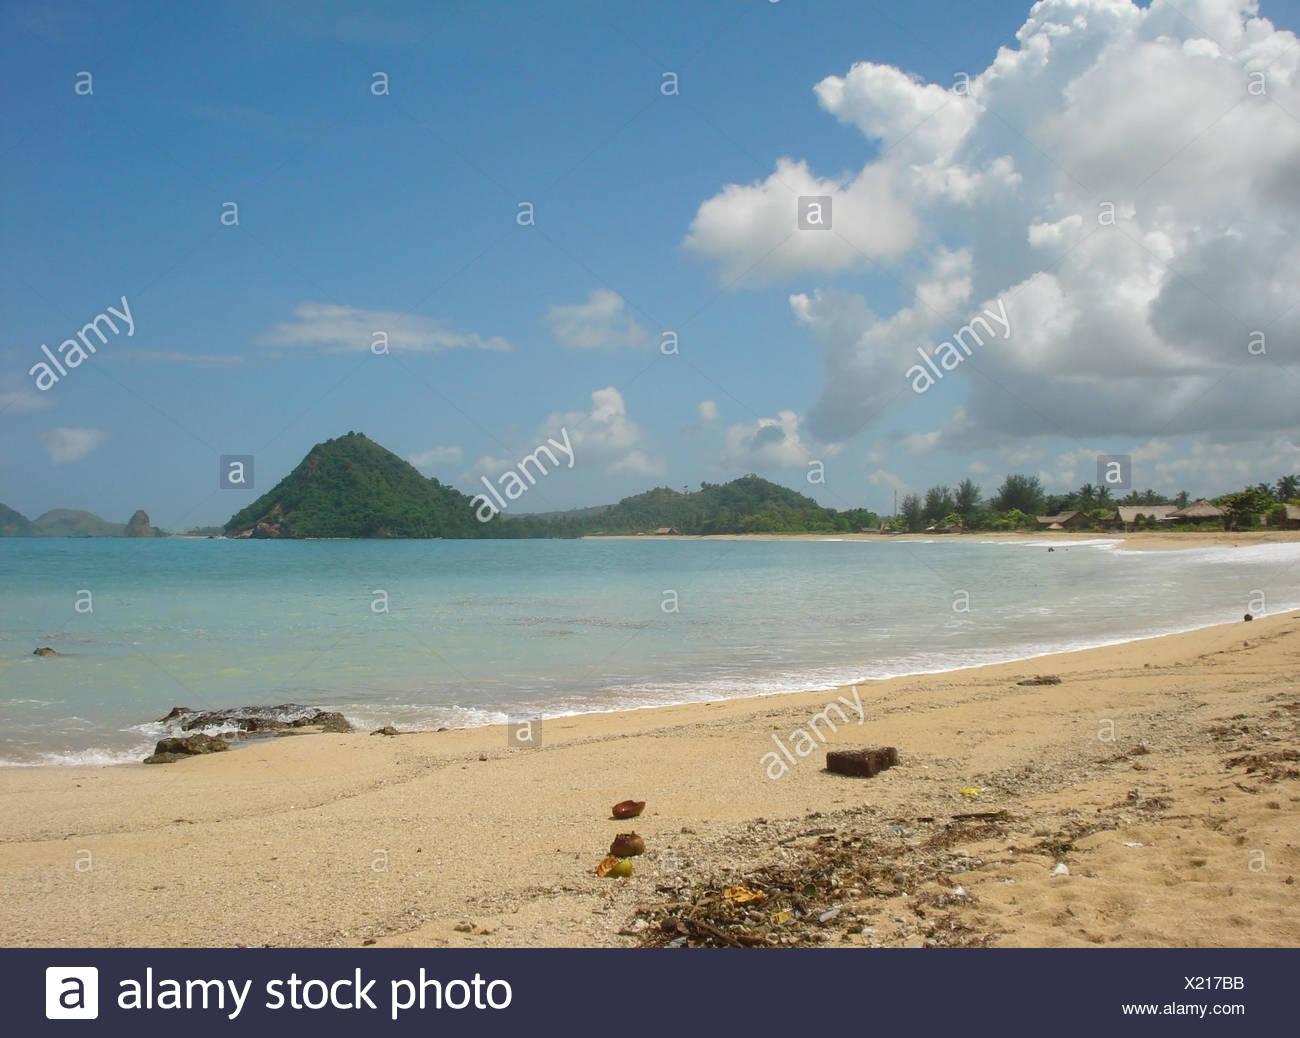 Landschaft der Küste Strand in Kuta, eine Insel in Indonesien Stockbild